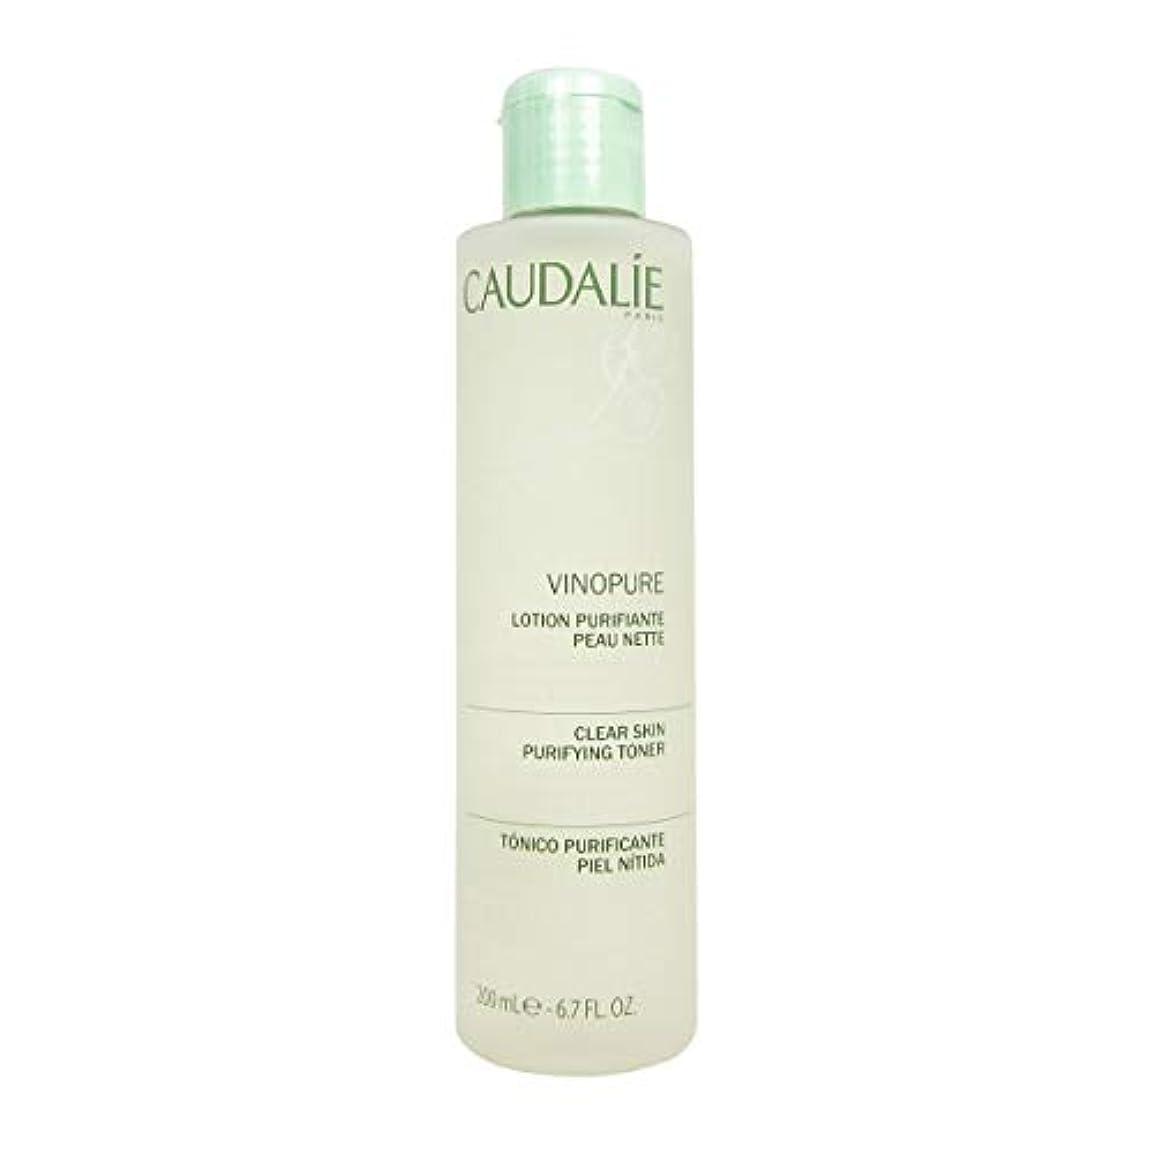 パノラマタック強制Caudalie Vinopure Clear Skin Purifying Toner 200 Ml [並行輸入品]